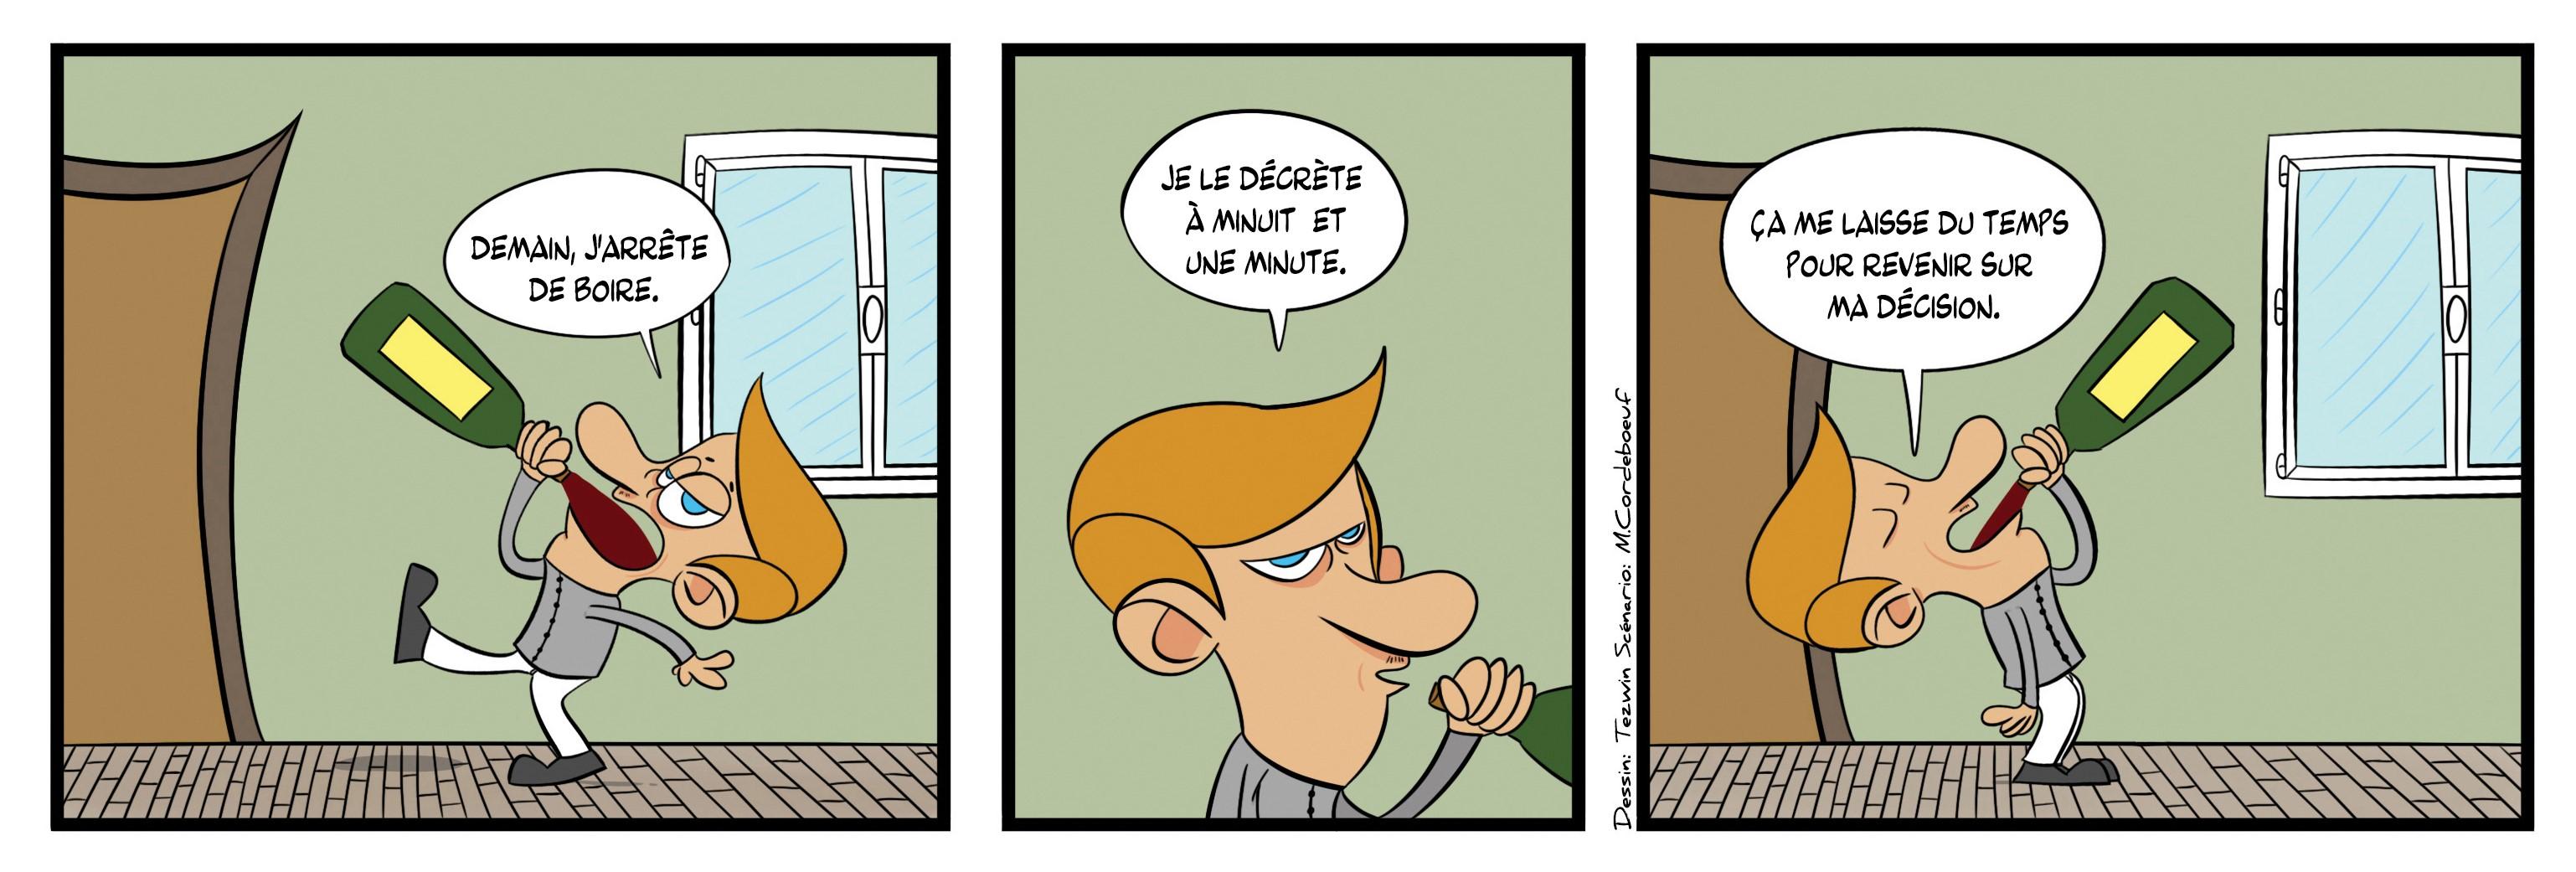 Boire (2)